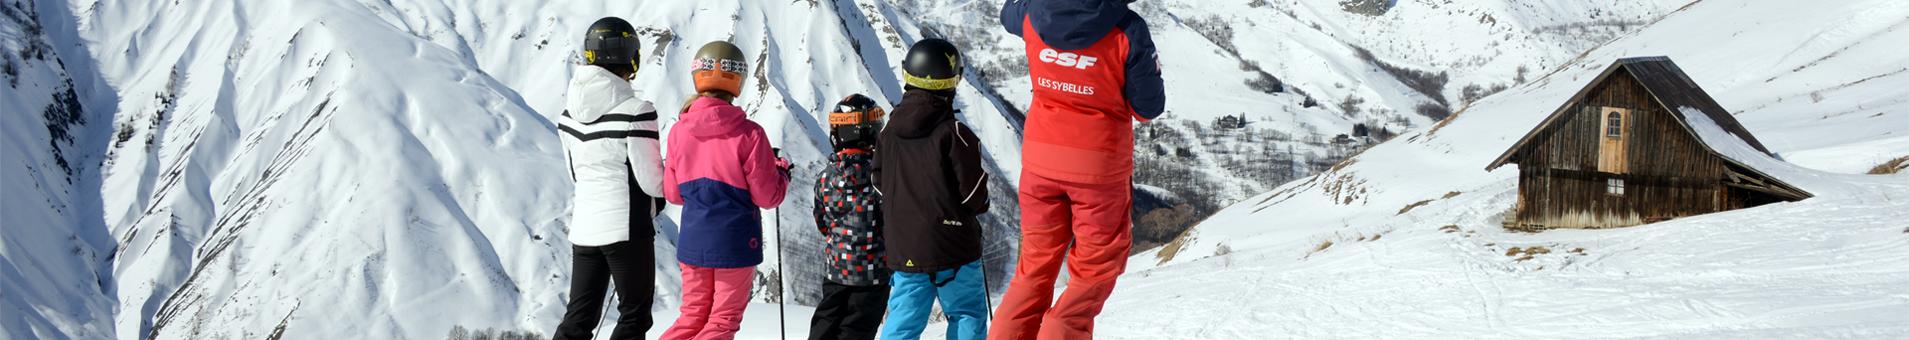 Ski > École de Ski, Club Piou Piou > tetiere